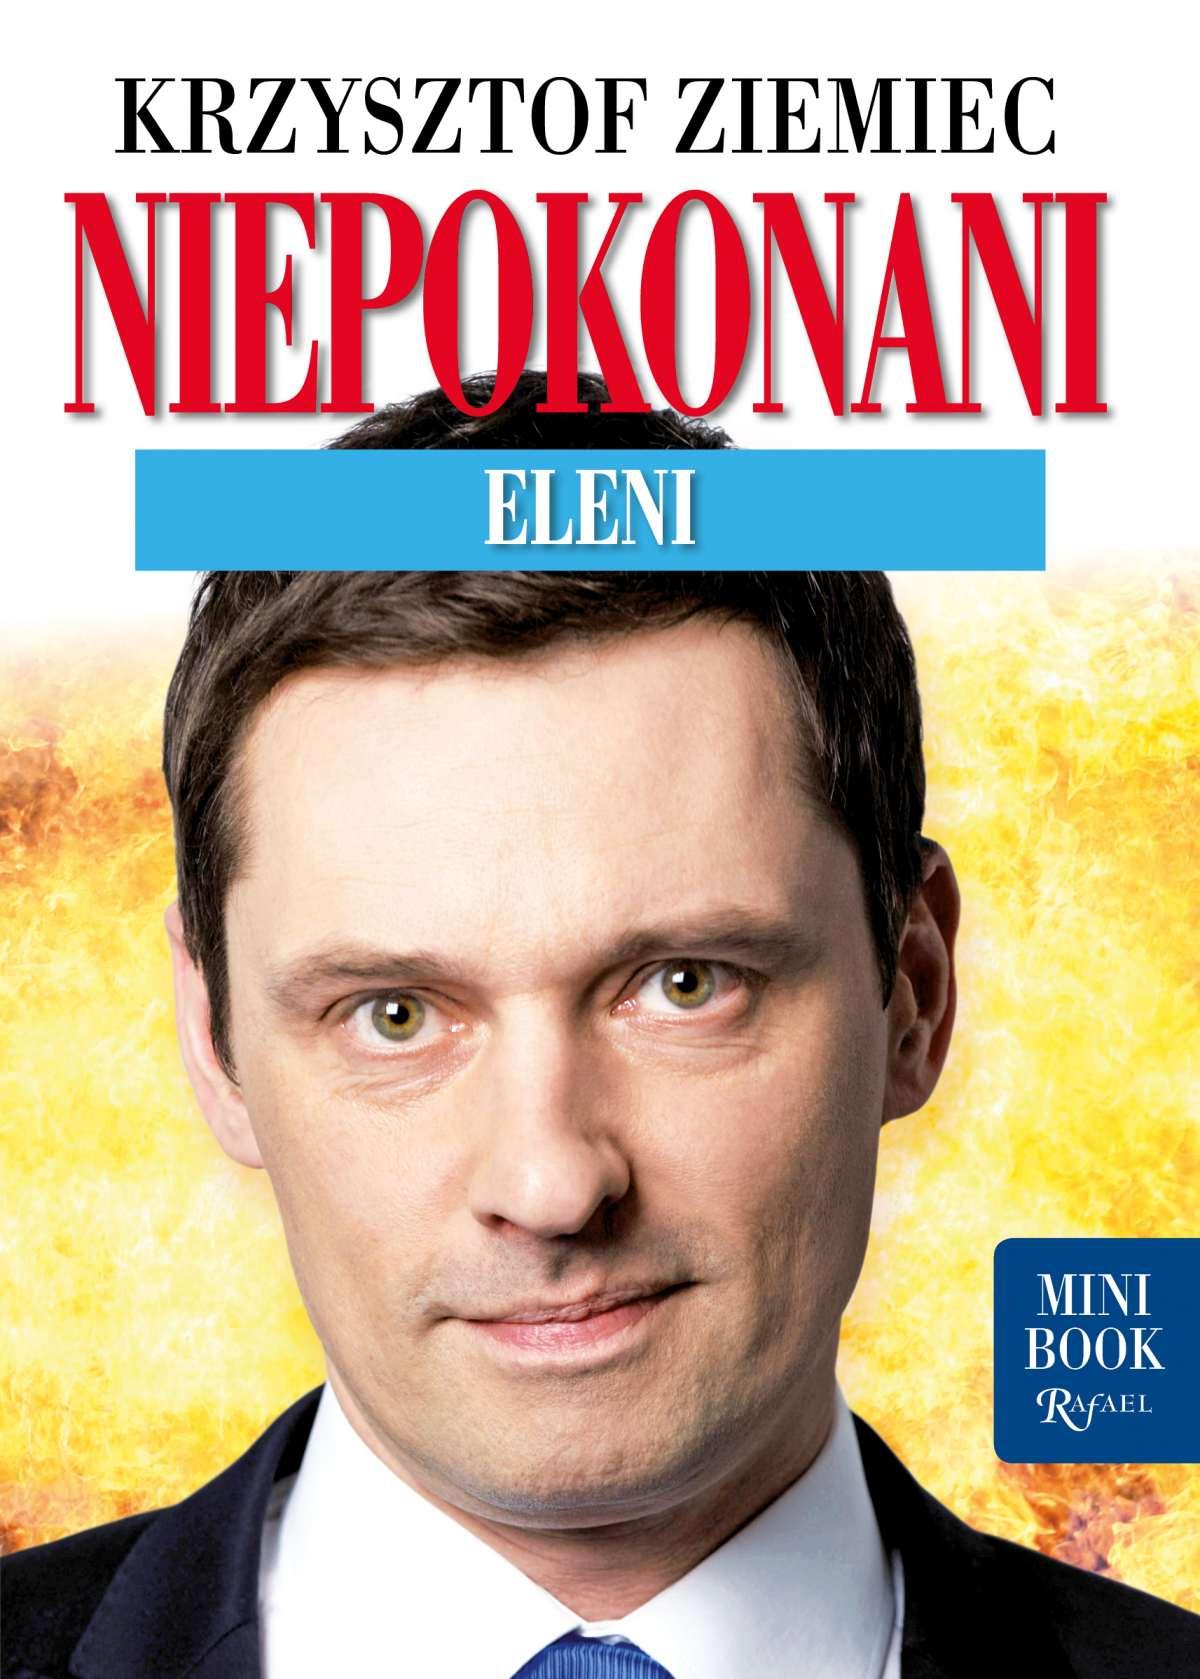 Niepokonani - Eleni - Ebook (Książka EPUB) do pobrania w formacie EPUB